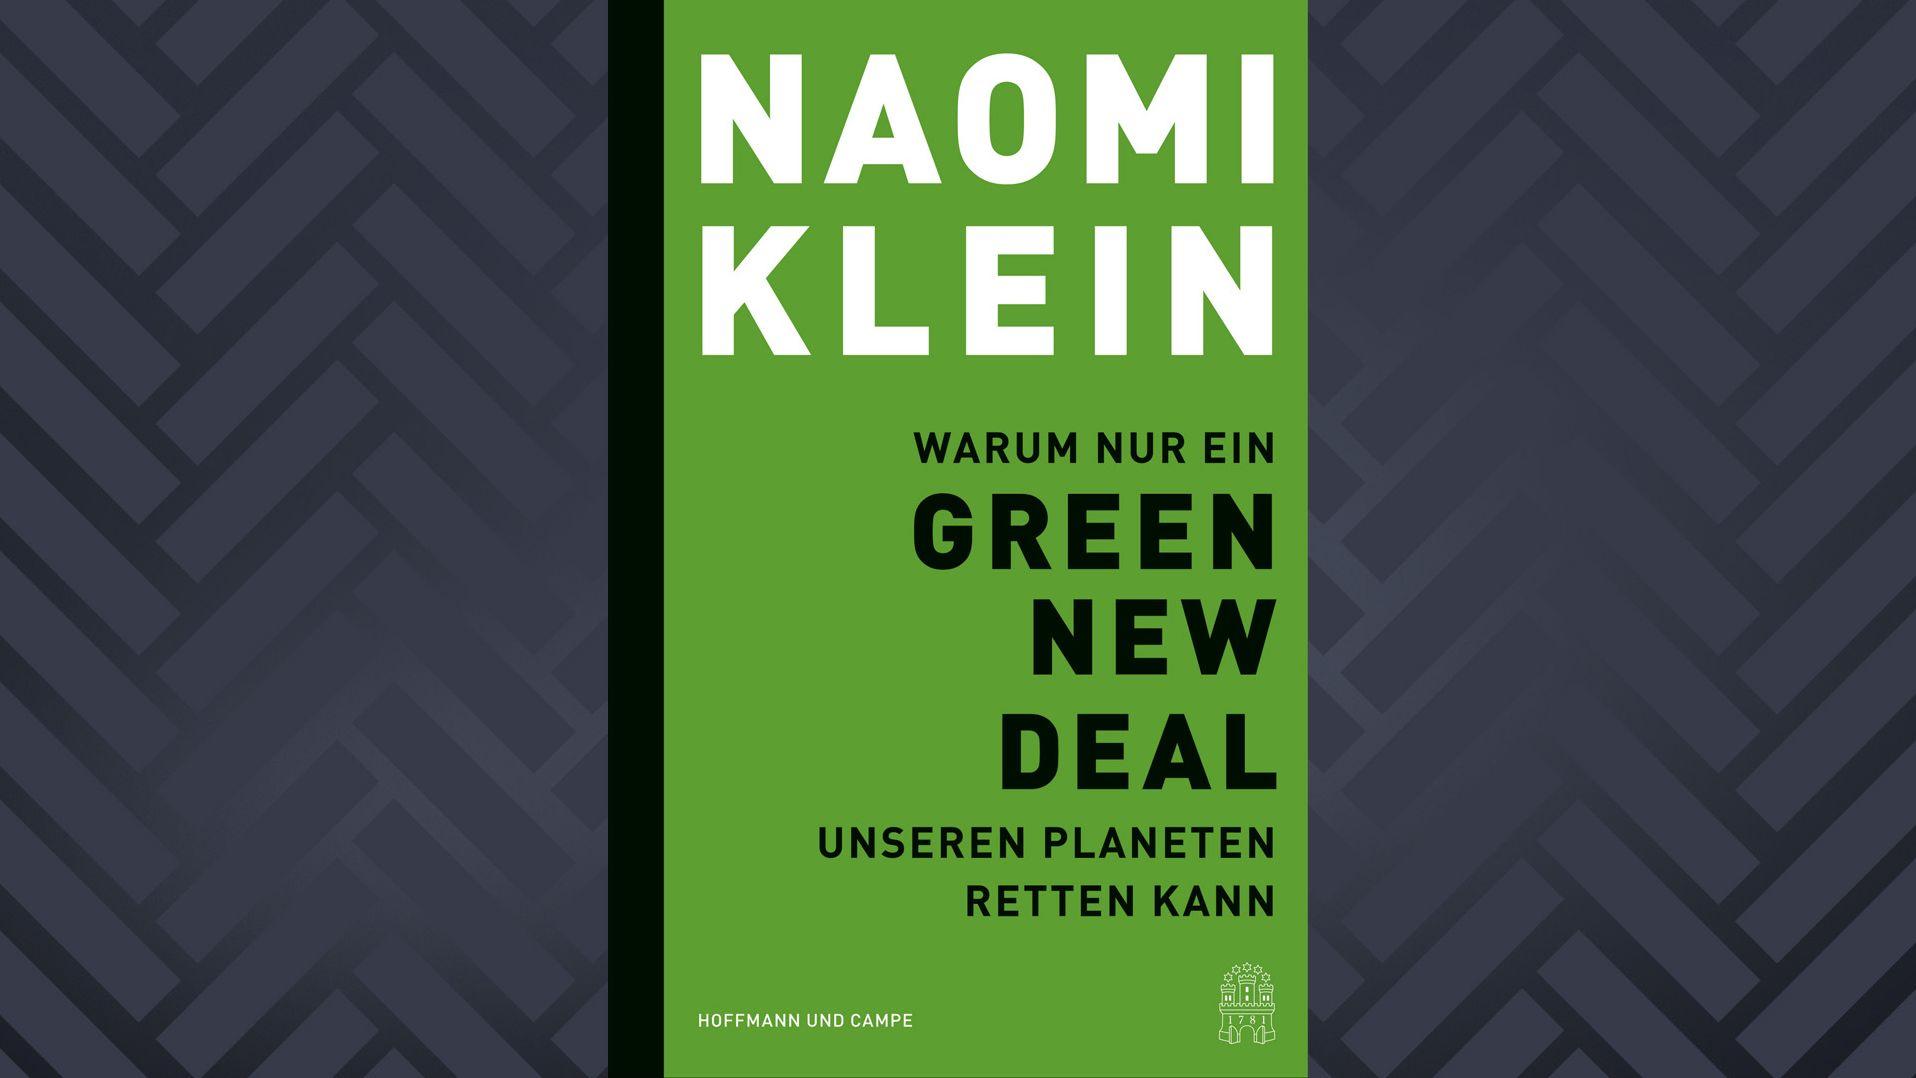 """Albumcover von""""Warum nur ein Green New Deal unseren Planeten kann"""" von Naomi Klein: Auf einem grünen Untergrund steht der Titel in einfachen schwarzen Buchstaben. Darüber wesentlich größer in Weiß der Name der Autorin."""